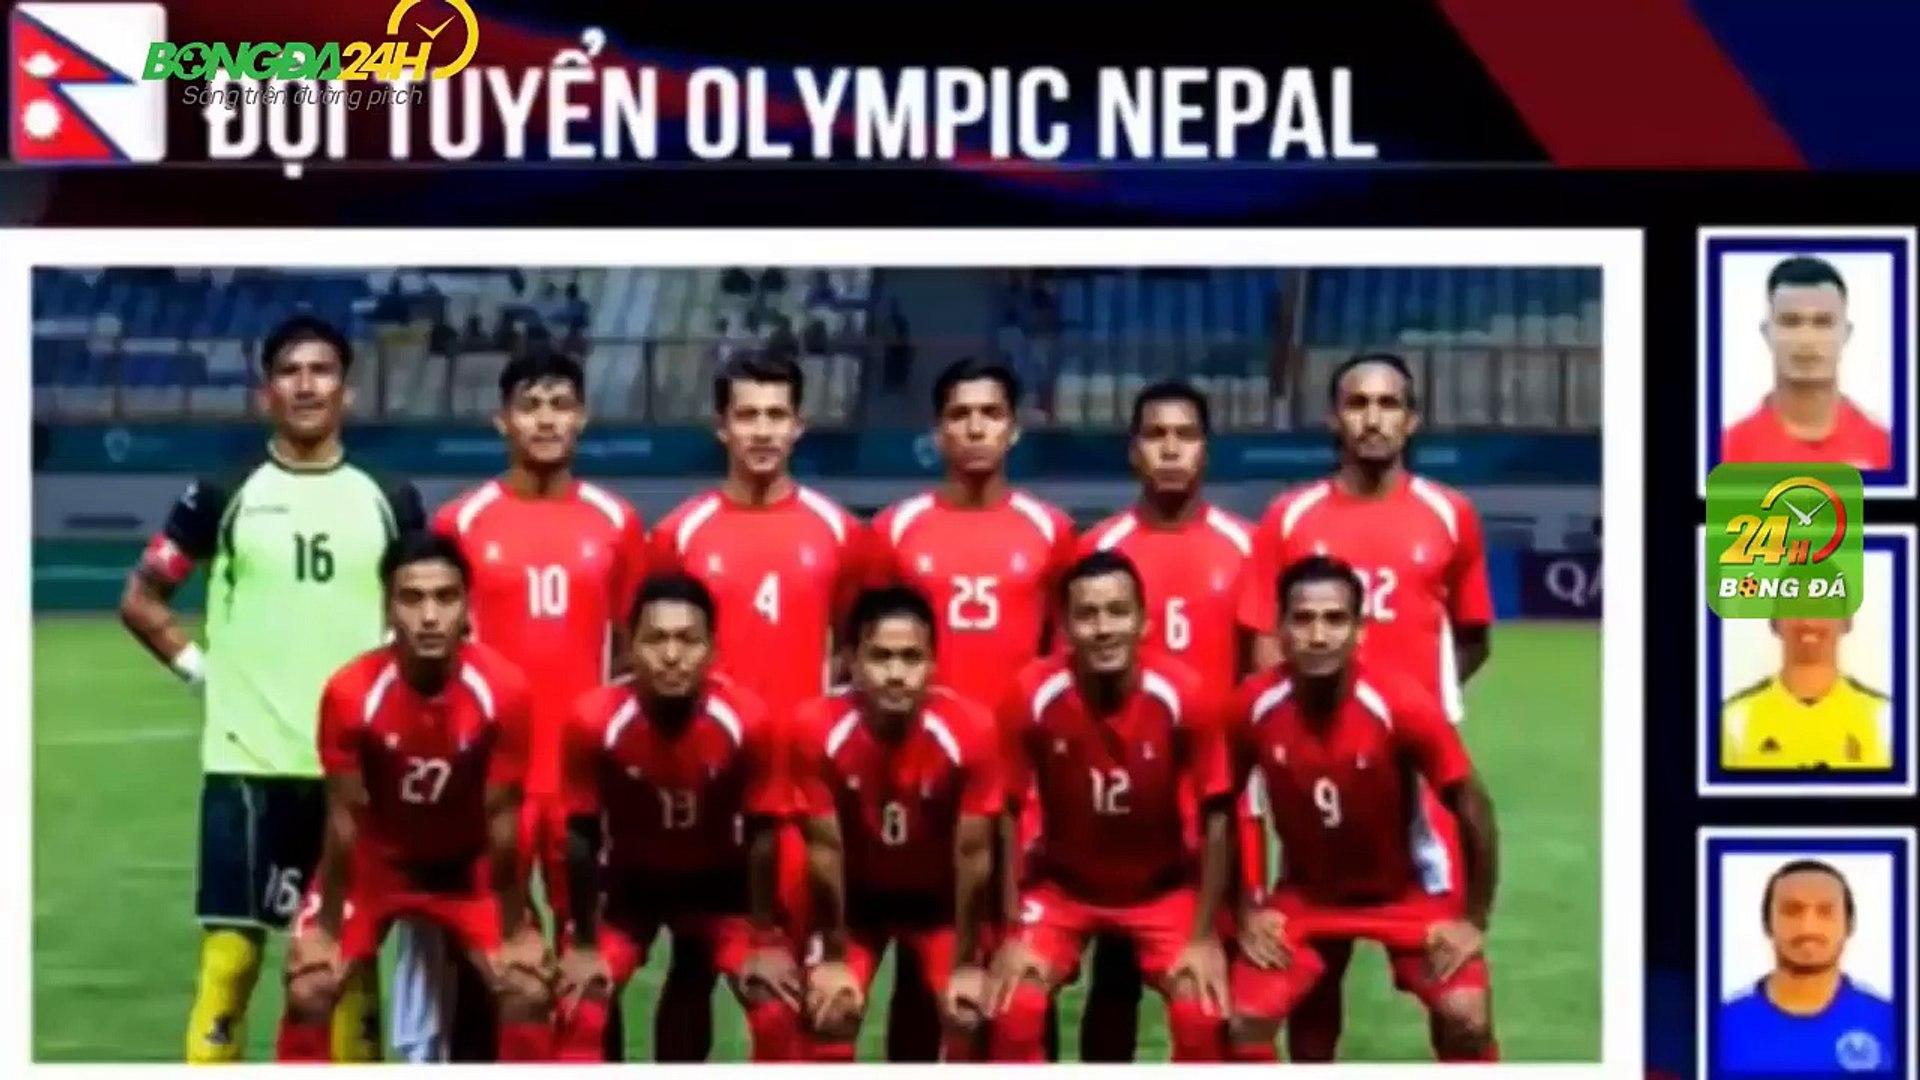 U23 Việt Nam vs U23 Nepal - Thông Tin Trước Trận Đấu - HLV Park Hang Seo tự tin giành chiến thắng